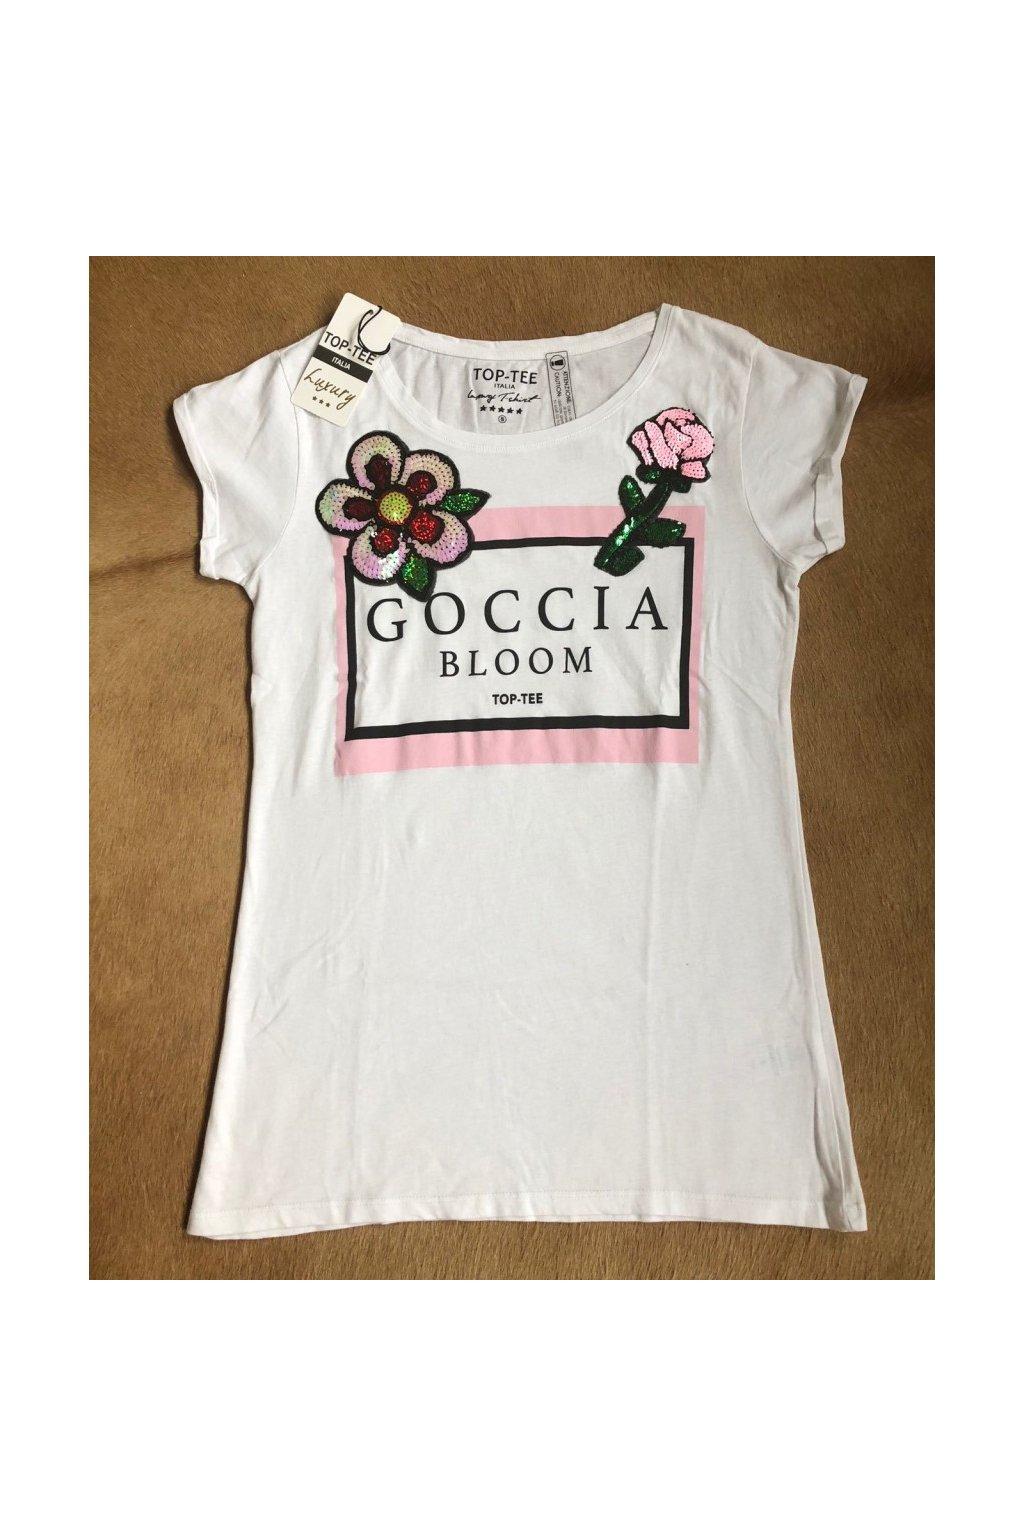 Tričko Top-Tee s nápisem Goccia Bloom - bílé (Velikost Velikost S)